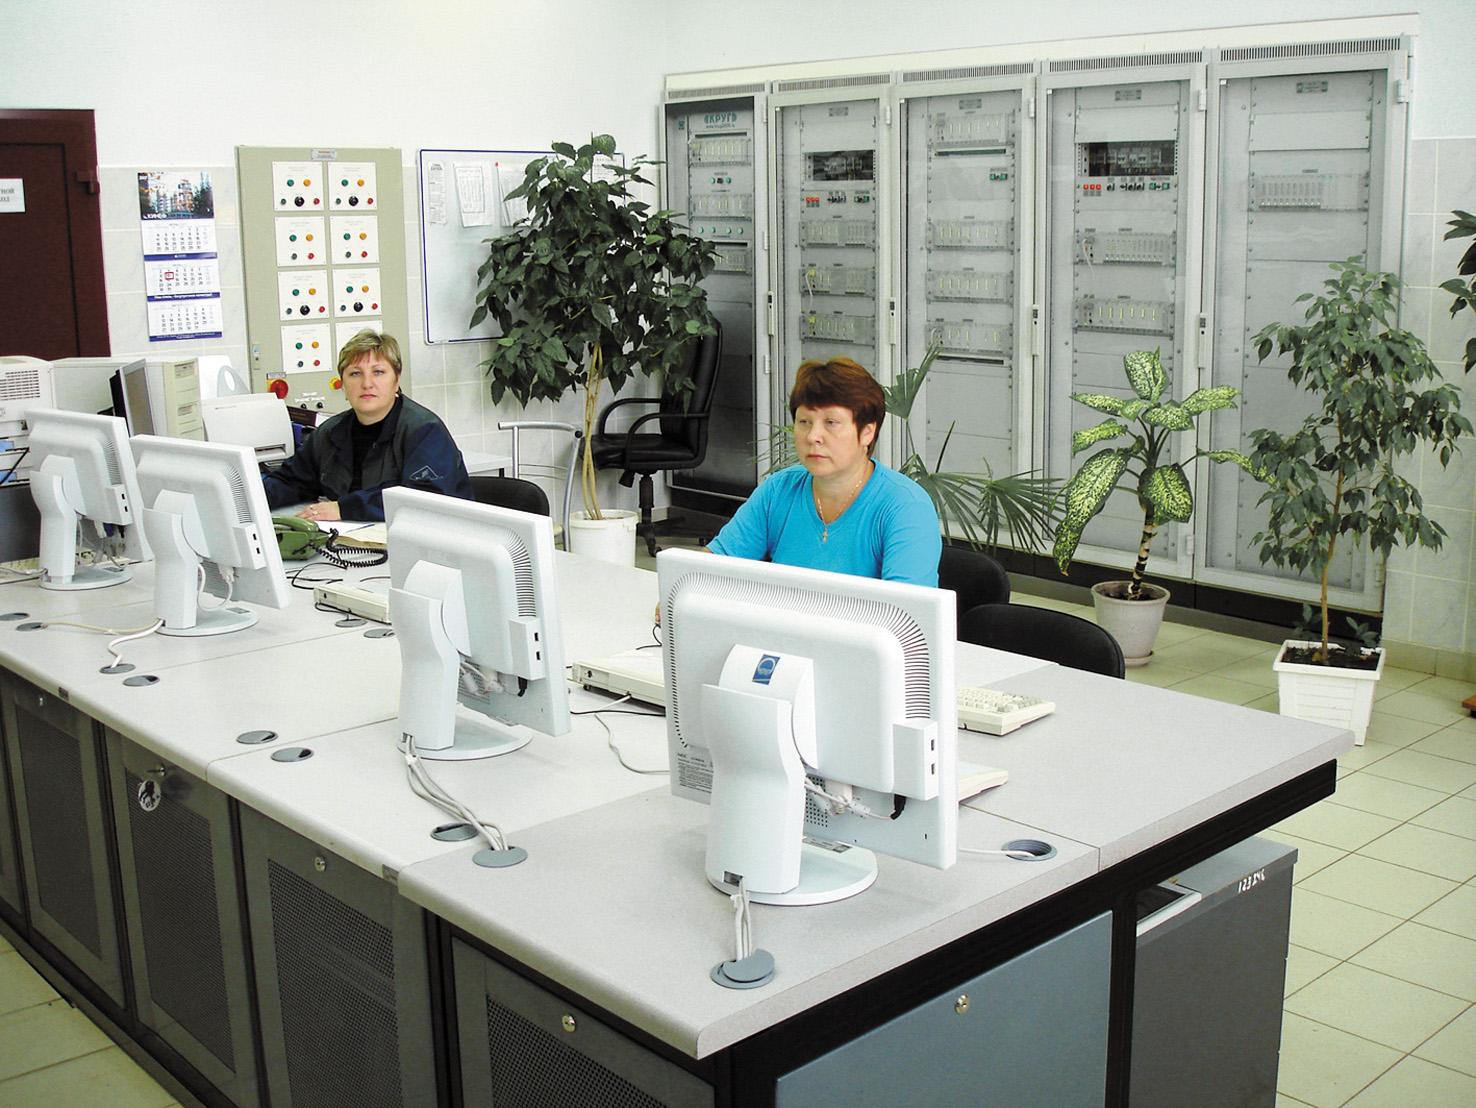 Помещение операторной ОАО «Киришинефтеоргсинтез»